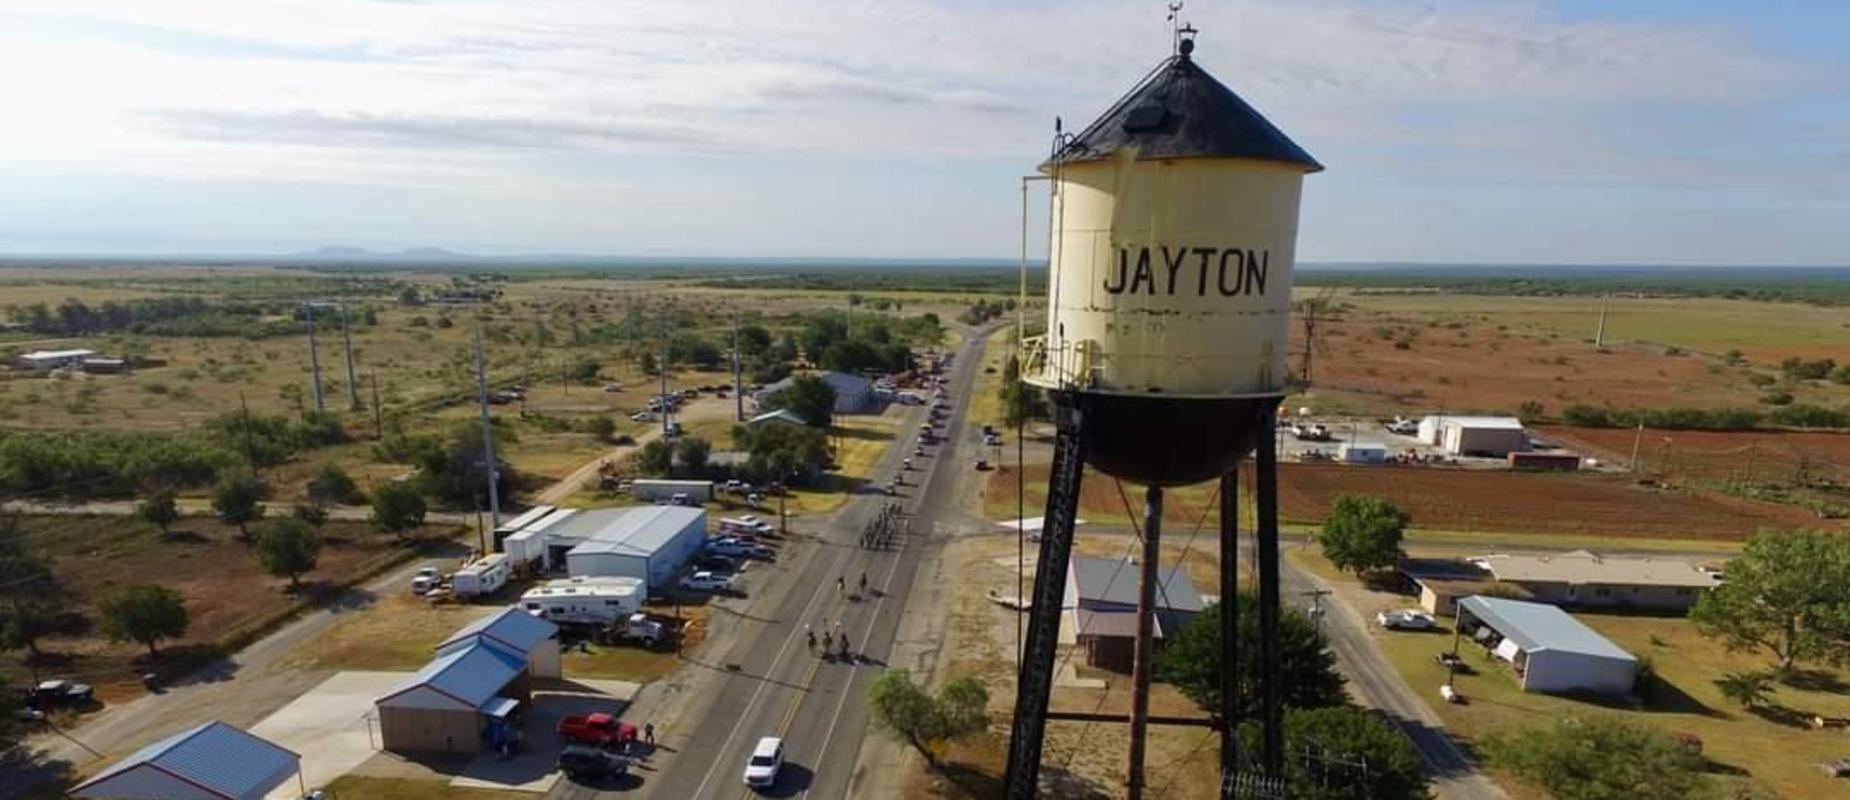 Jayton Water Tower